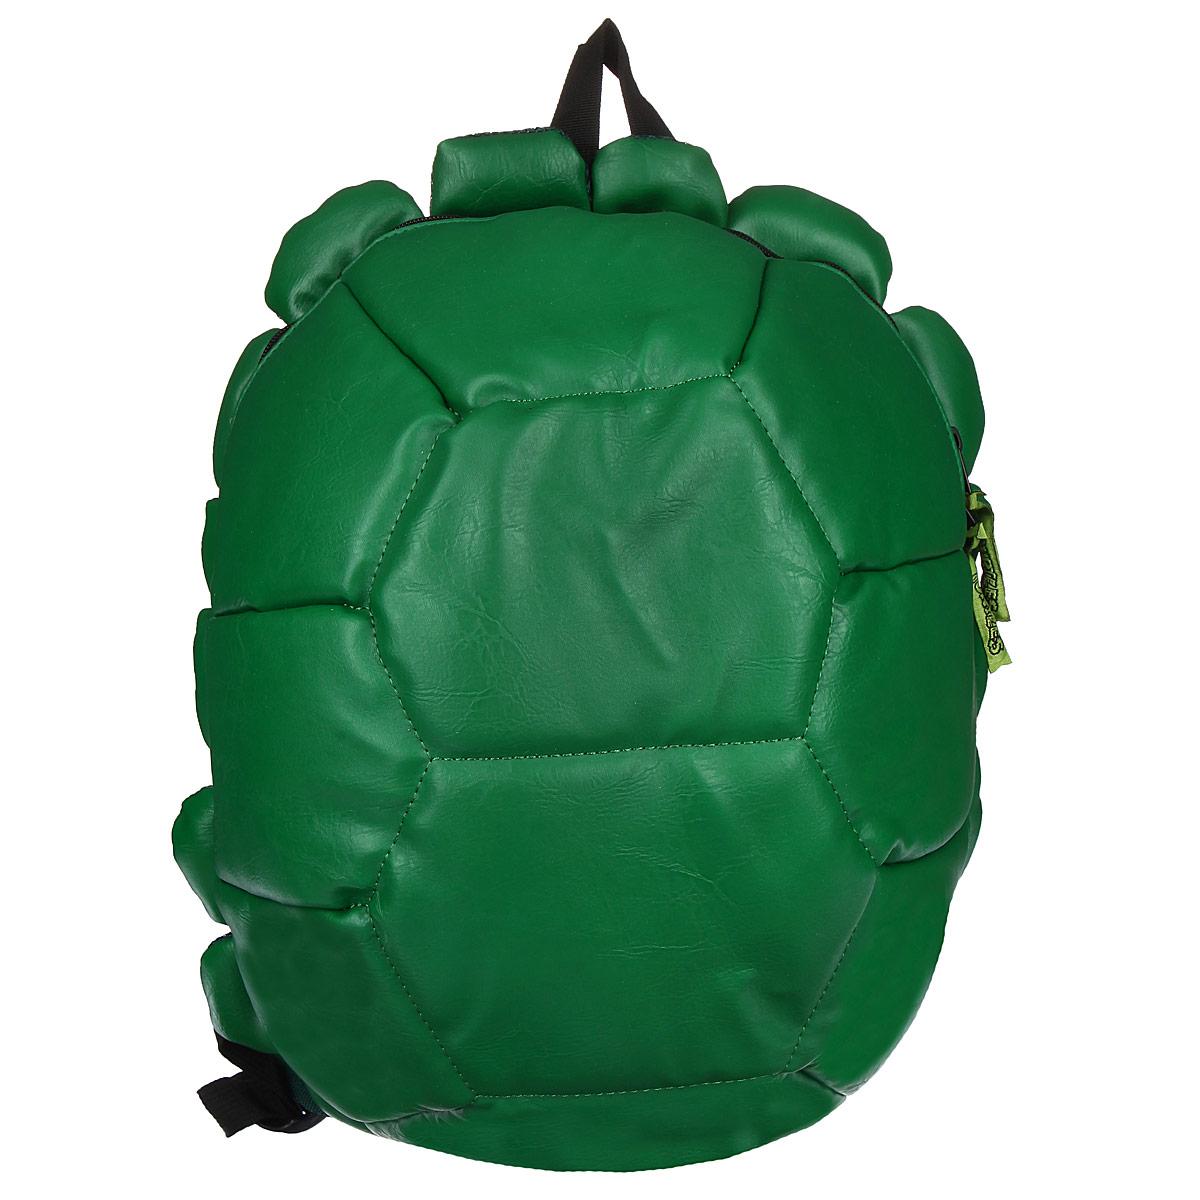 Рюкзак детский Teenage Mutant Ninja Turtles Черепашки Ниндзя, цвет: зеленый93451Рюкзак детский Teenage Mutant Ninja Turtles Черепашки Ниндзя непременно привлечет внимание вашего ребенка. Выполнен рюкзак из прочных материалов, зеленого цвета в виде панциря черепашки. В комплекте к рюкзаку прилагаются 4 повязки для глаз, чтобы быть похожими на героев мультфильма.Содержит одно вместительное отделение, закрывающееся на застежку-молнию с двумя бегунками. Внутри отделения находятся: три открытых кармана, три отделения для пишущих принадлежностей и кармашек на липучке для мобильного телефона.Конструкция спинки дополнена противоскользящей сеточкой и системой вентиляции для предотвращения запотевания спины ребенка. Широкие лямки позволяют легко и быстро отрегулировать рюкзак в соответствии с ростом. Рюкзак оснащен текстильной ручкой для переноски в руке. Ребенку обязательно понравится этот стильный аксессуар, который станет для него постоянным спутником.Рекомендуемый возраст: от 8 лет.